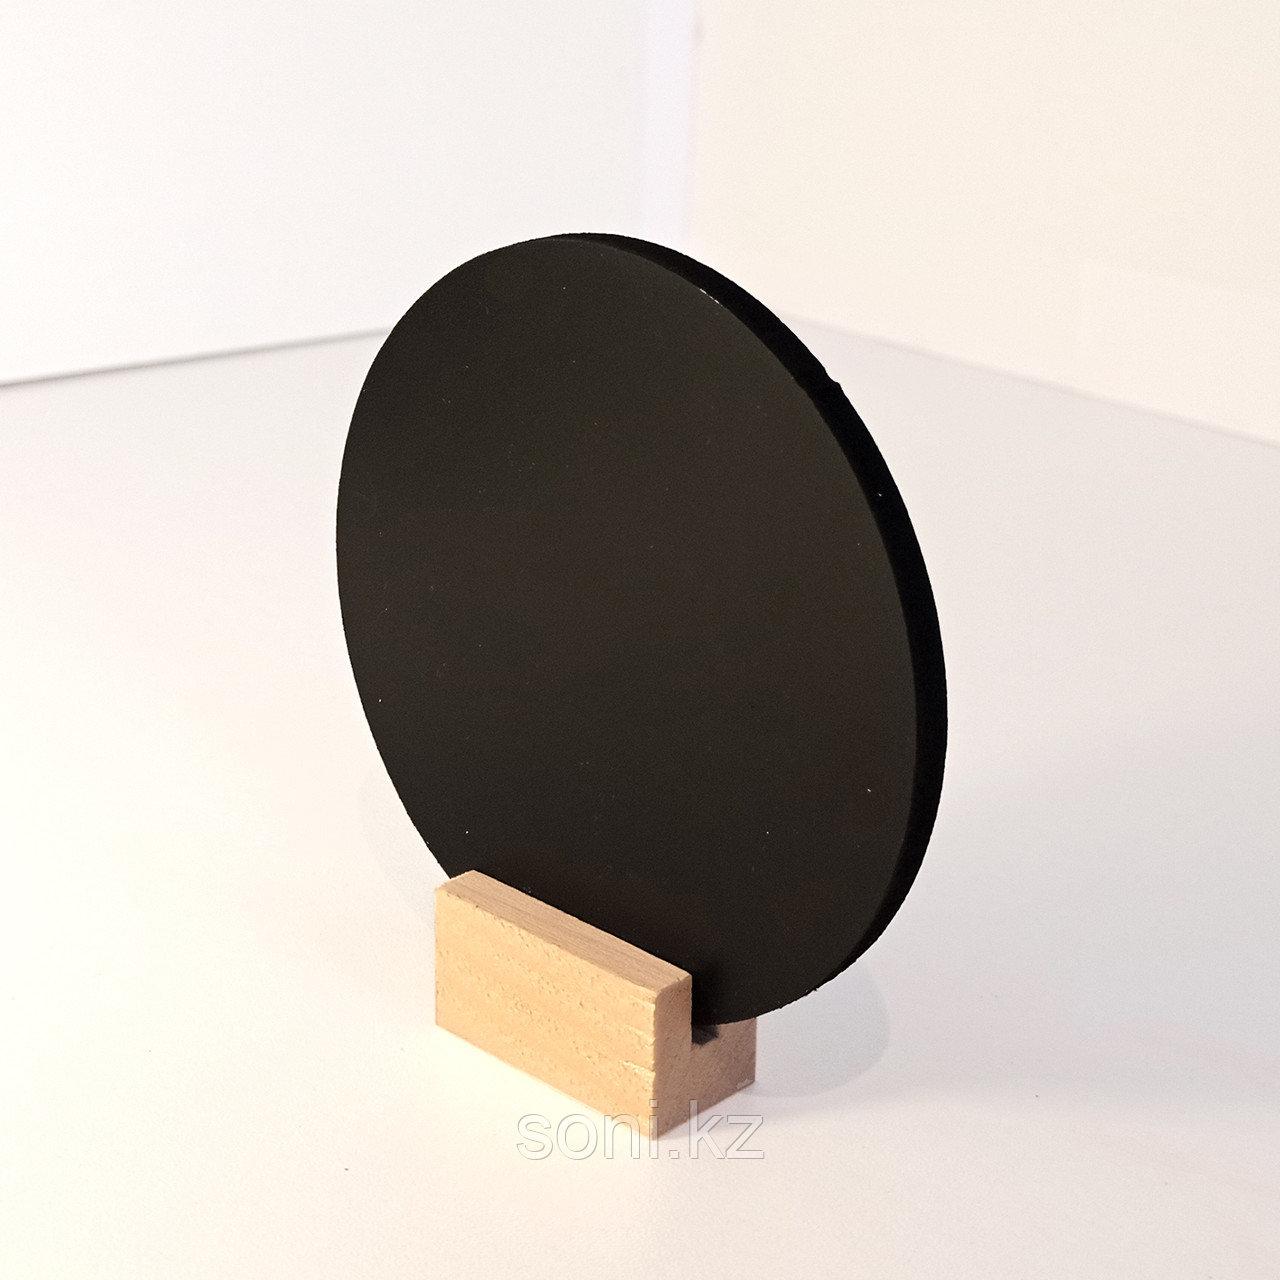 Ценник меловый, круглый d90, на деревянной подставке